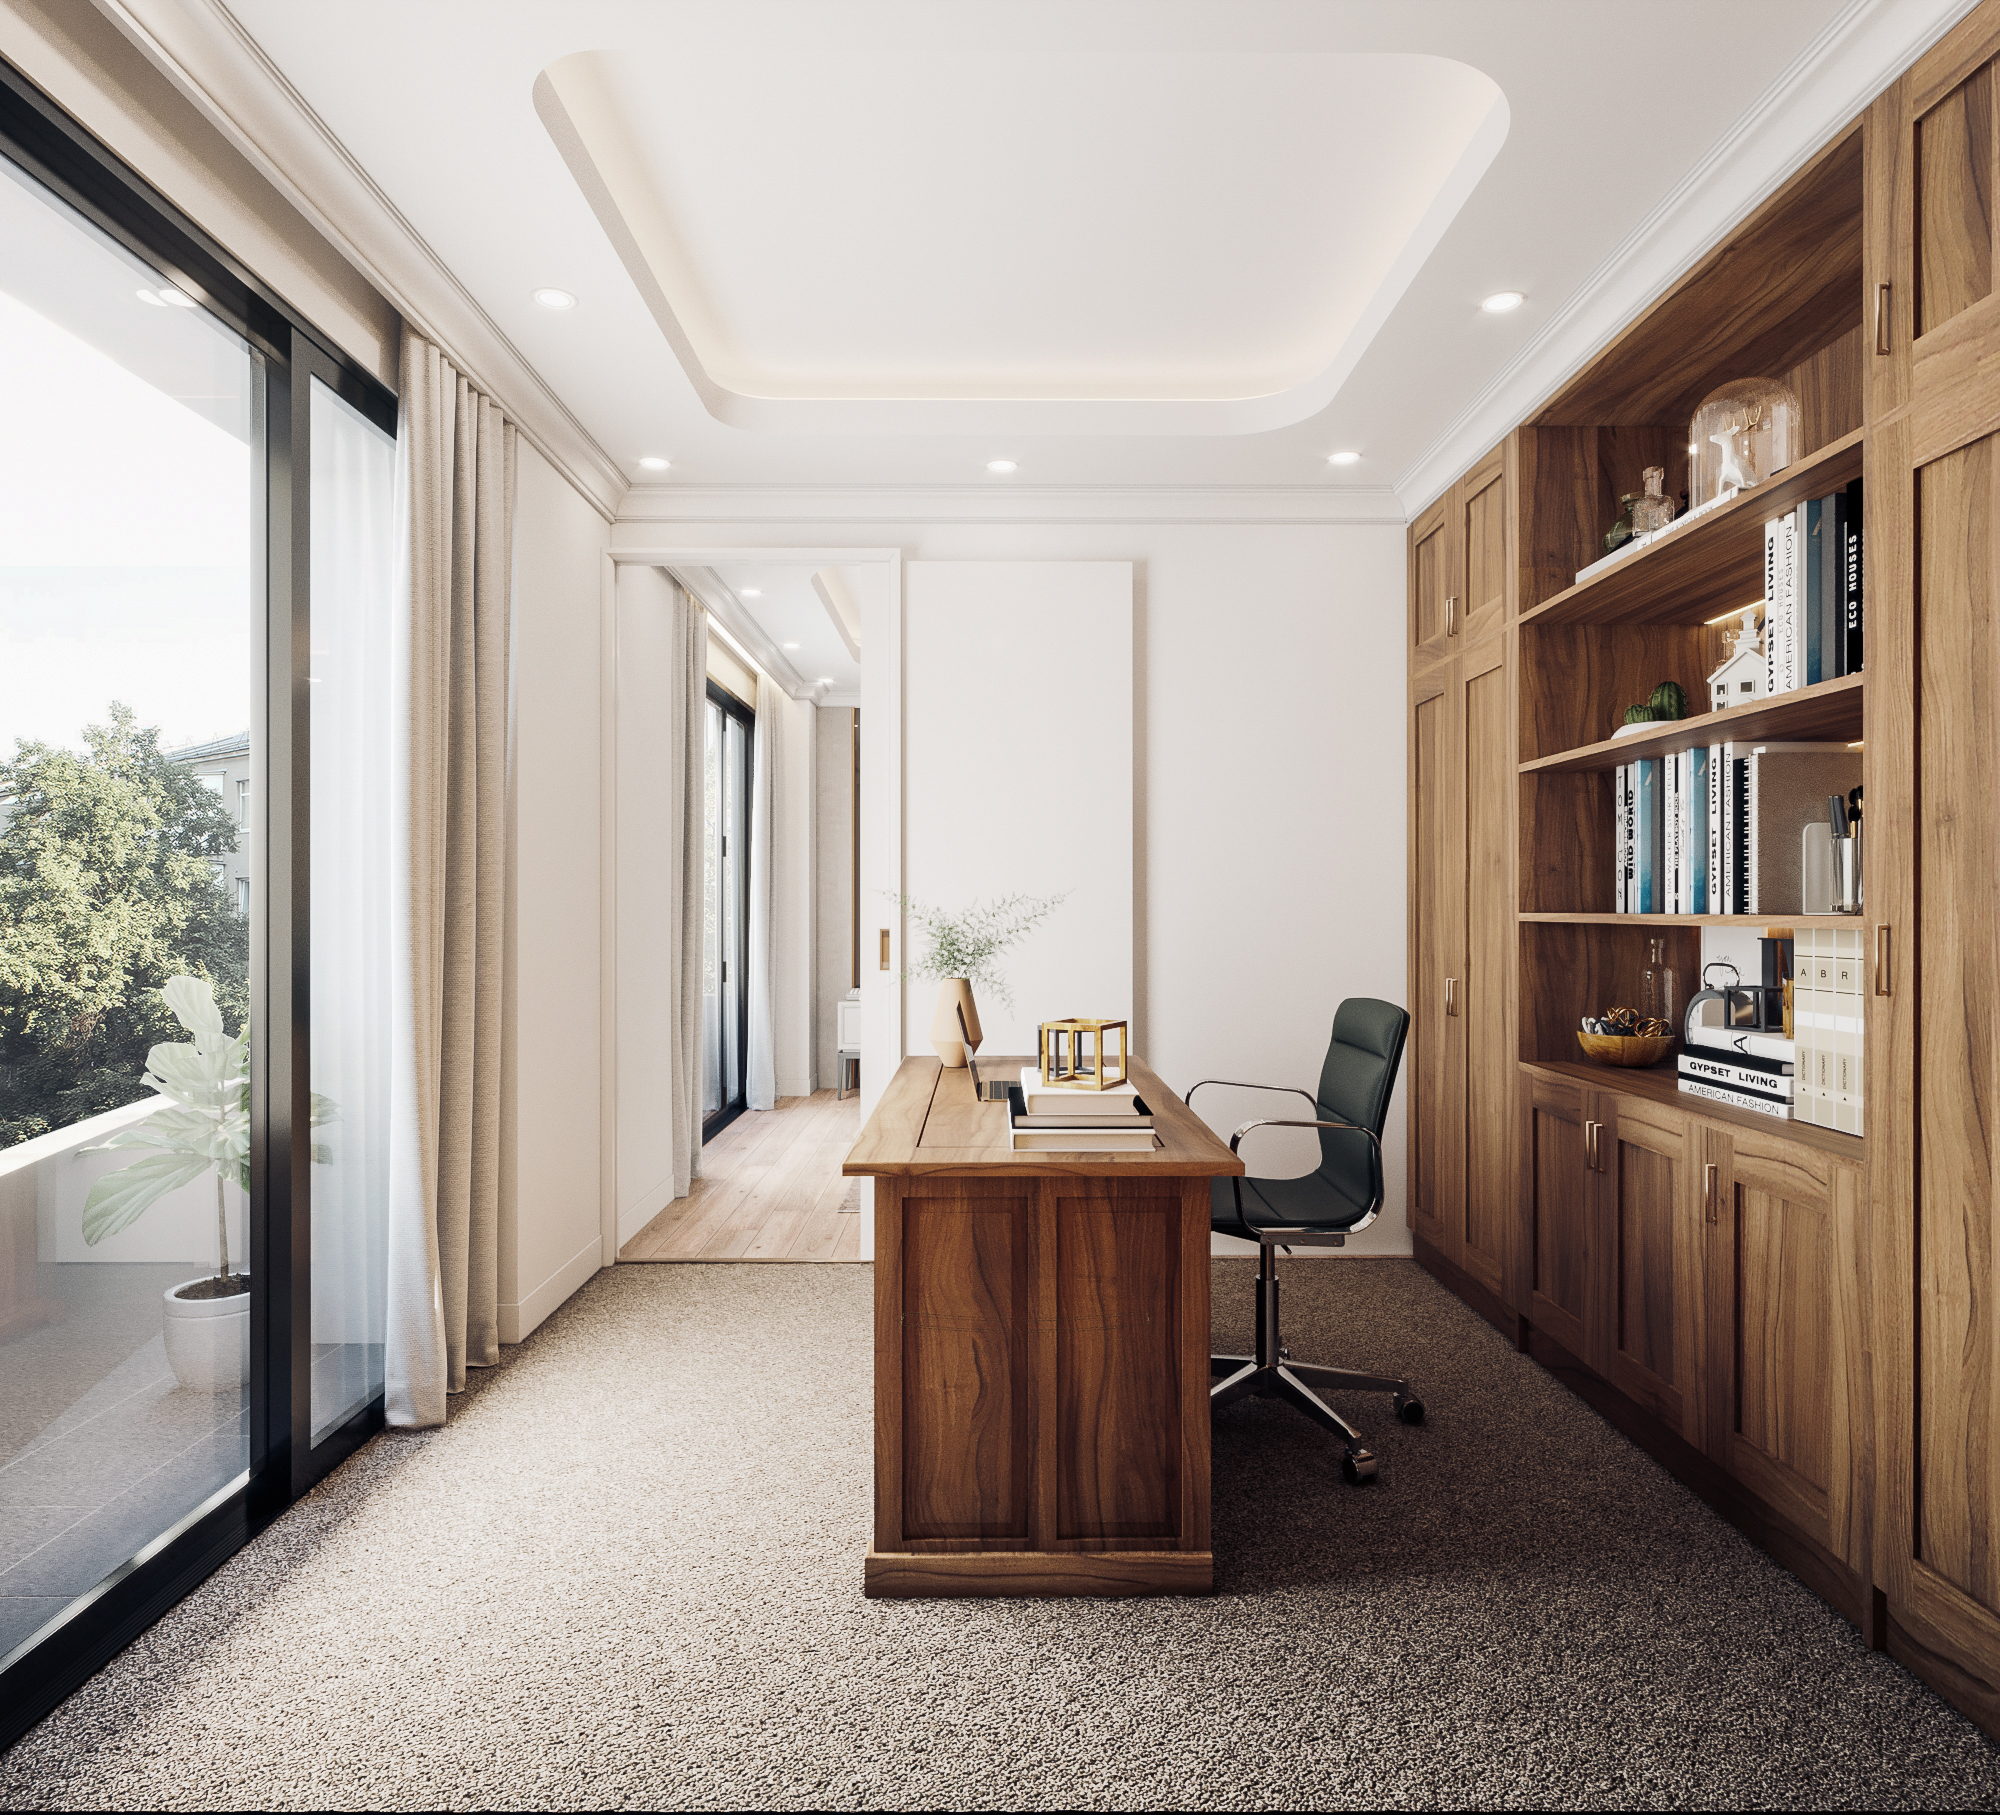 thiết kế nội thất chung cư tại Đà Nẵng Phòng ngủ master 3 1555242085